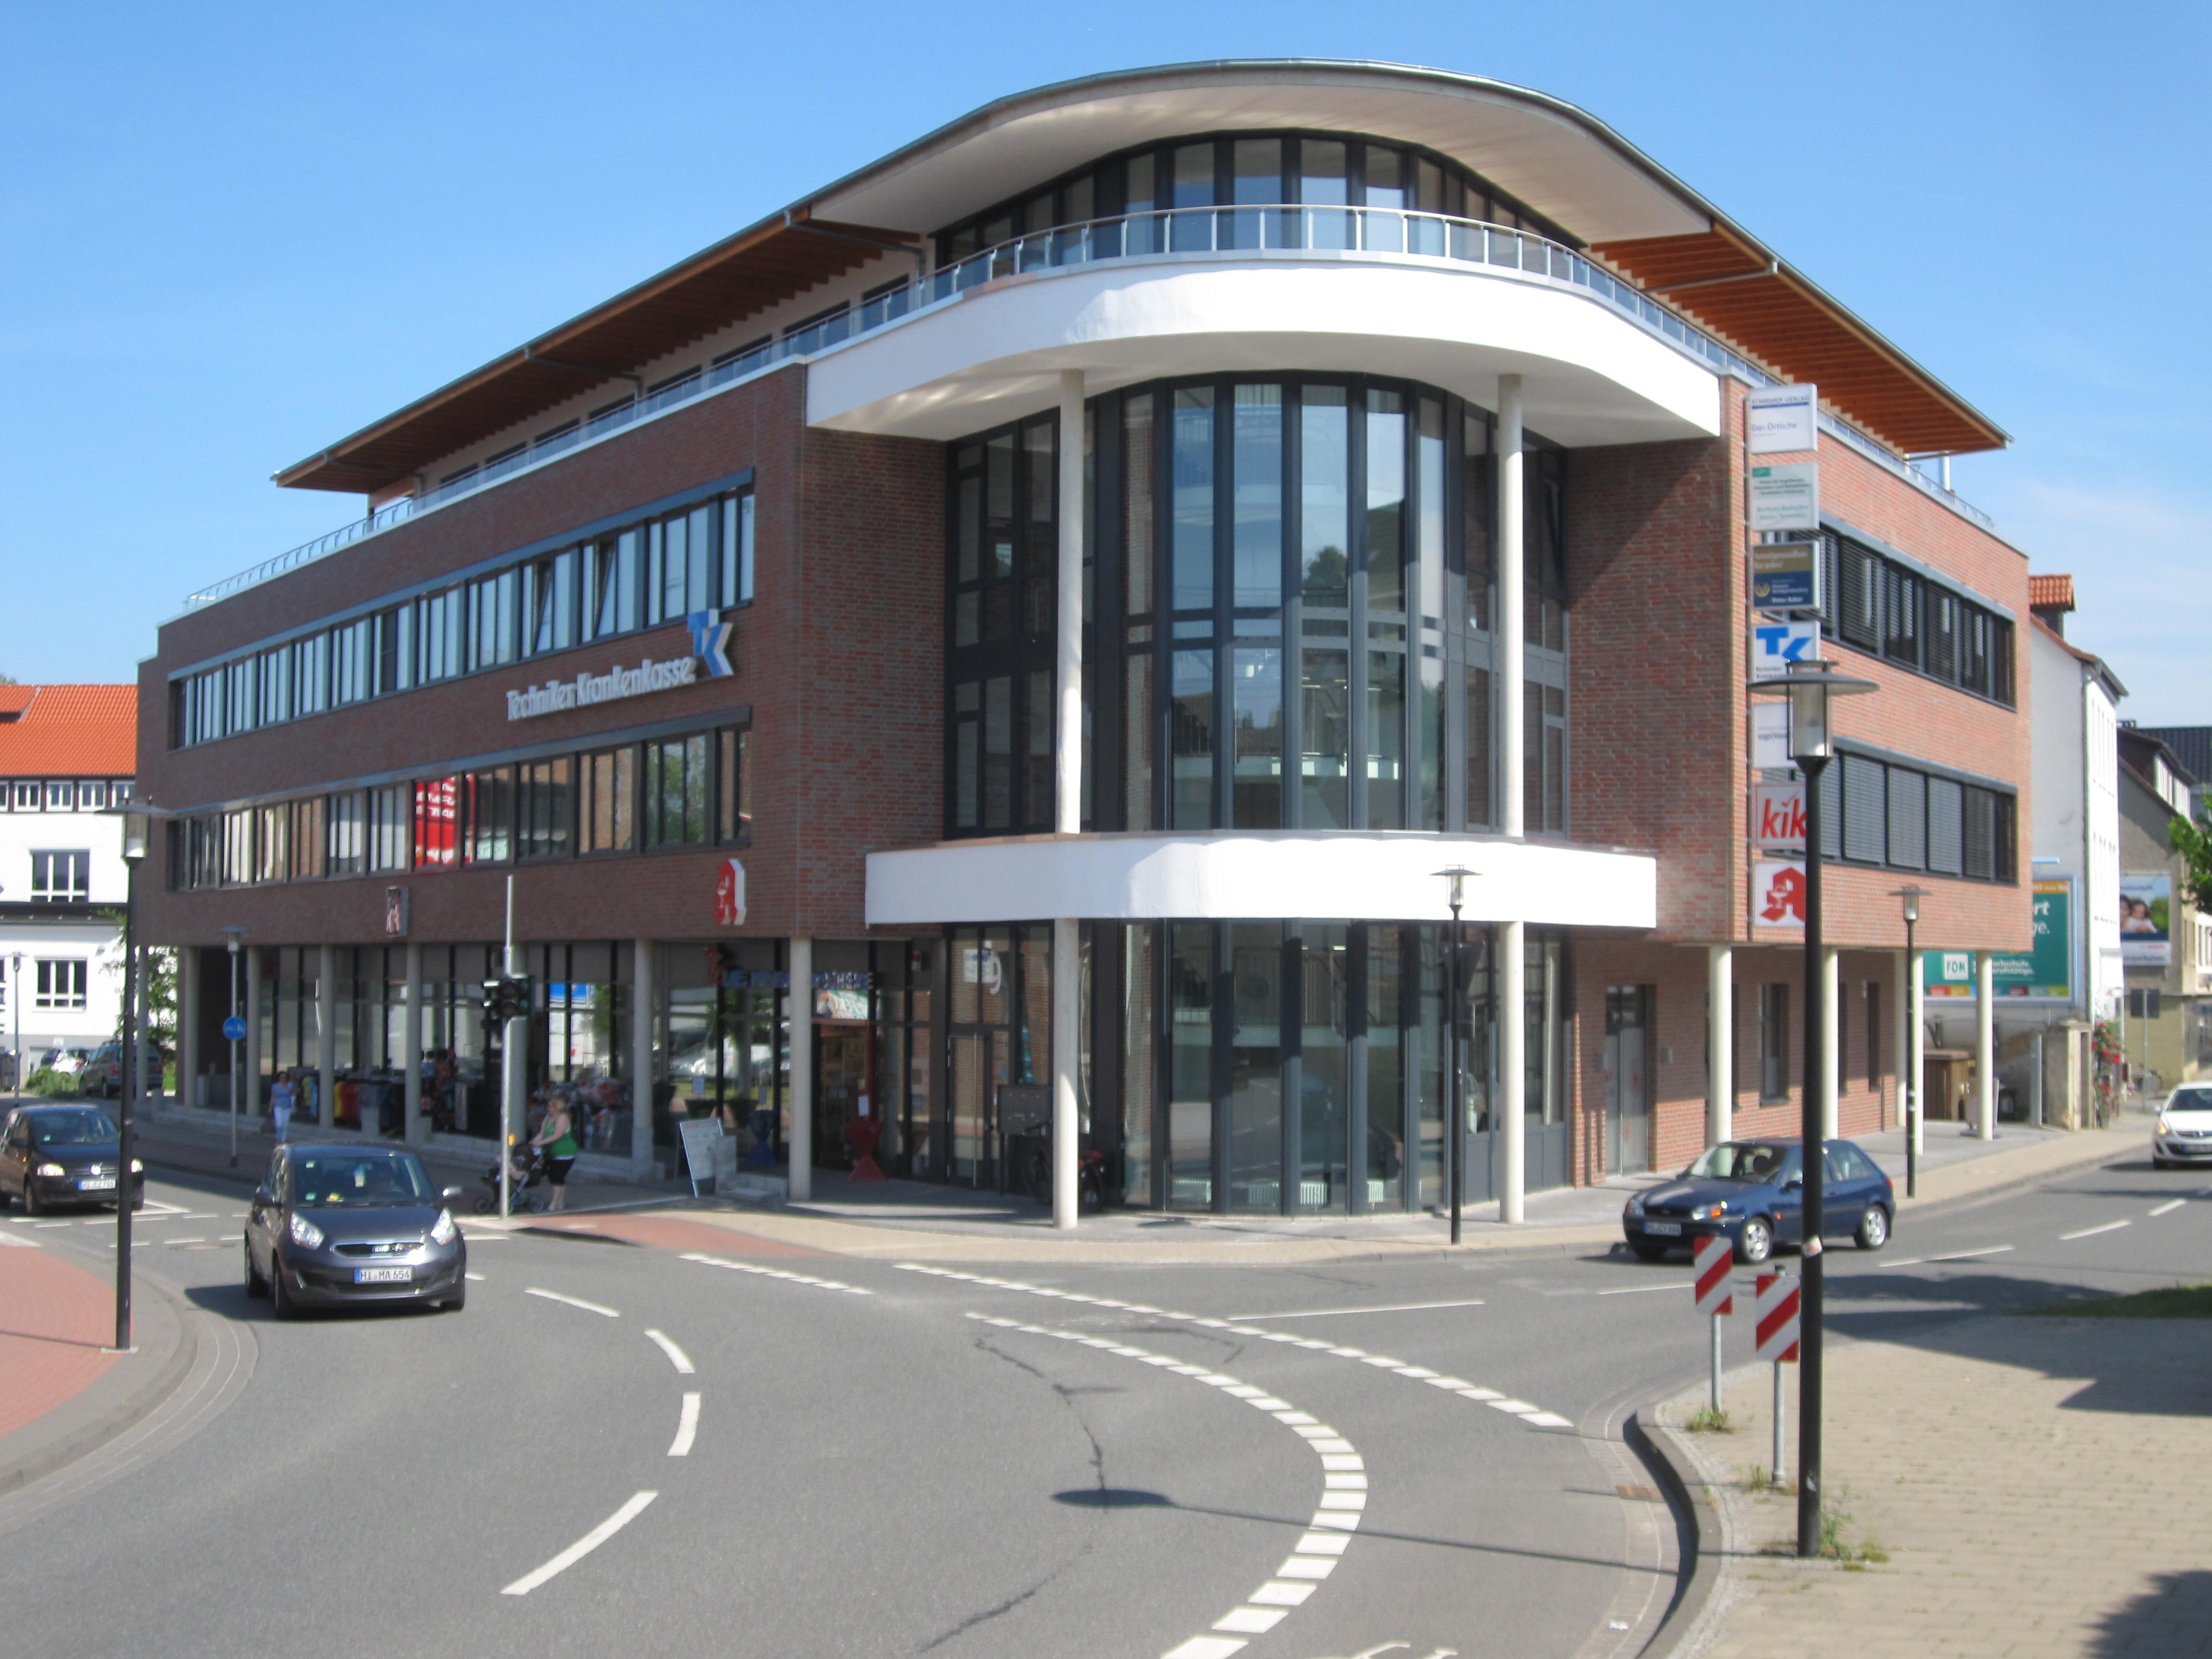 Schirmer Verlag, Zweigniederlassung der Ebner Media Group GmbH & Co. KG Hildesheim